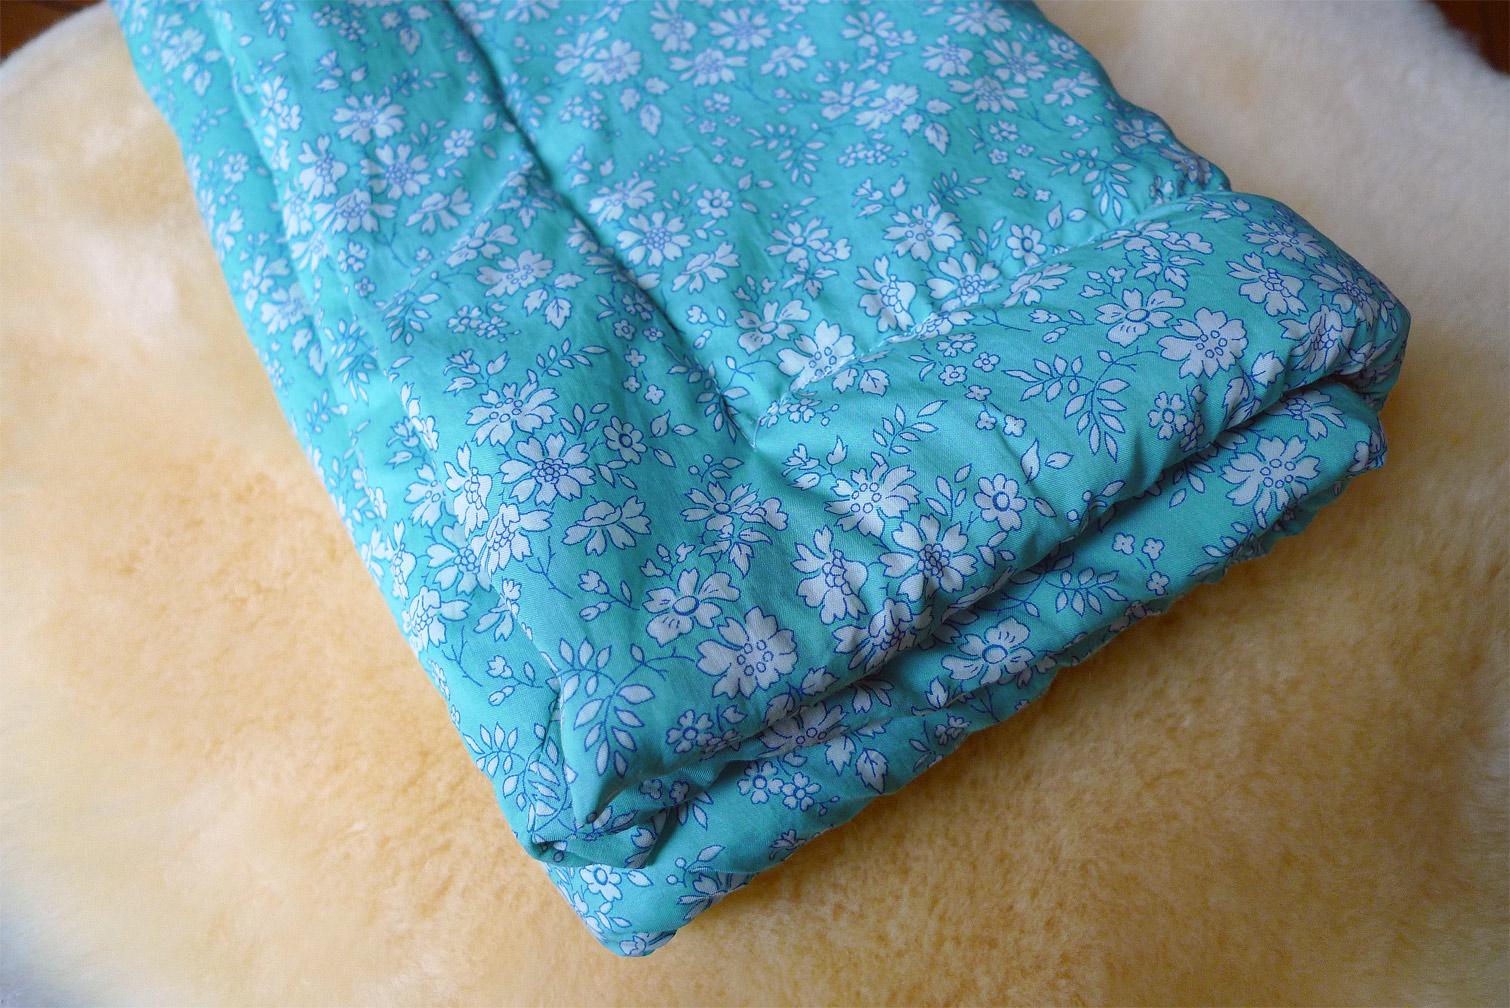 Tuto tricoter et doubler un plaid pour b b fafaille studio - Tricoter un plaid debutant ...